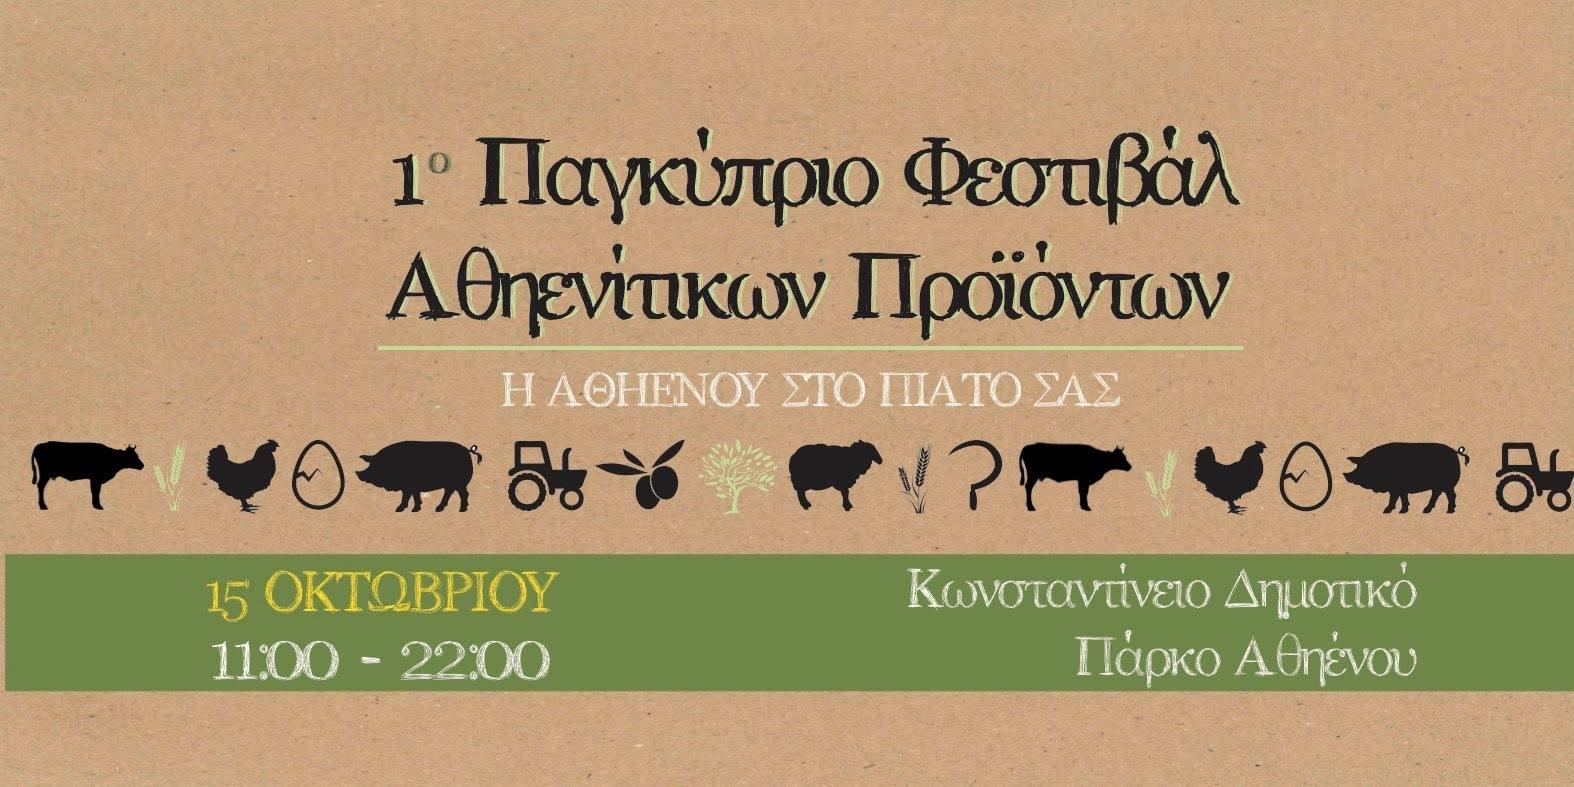 1ο Παγκύπριο Φεστιβάλ Αθηενίτικων Προϊόντων